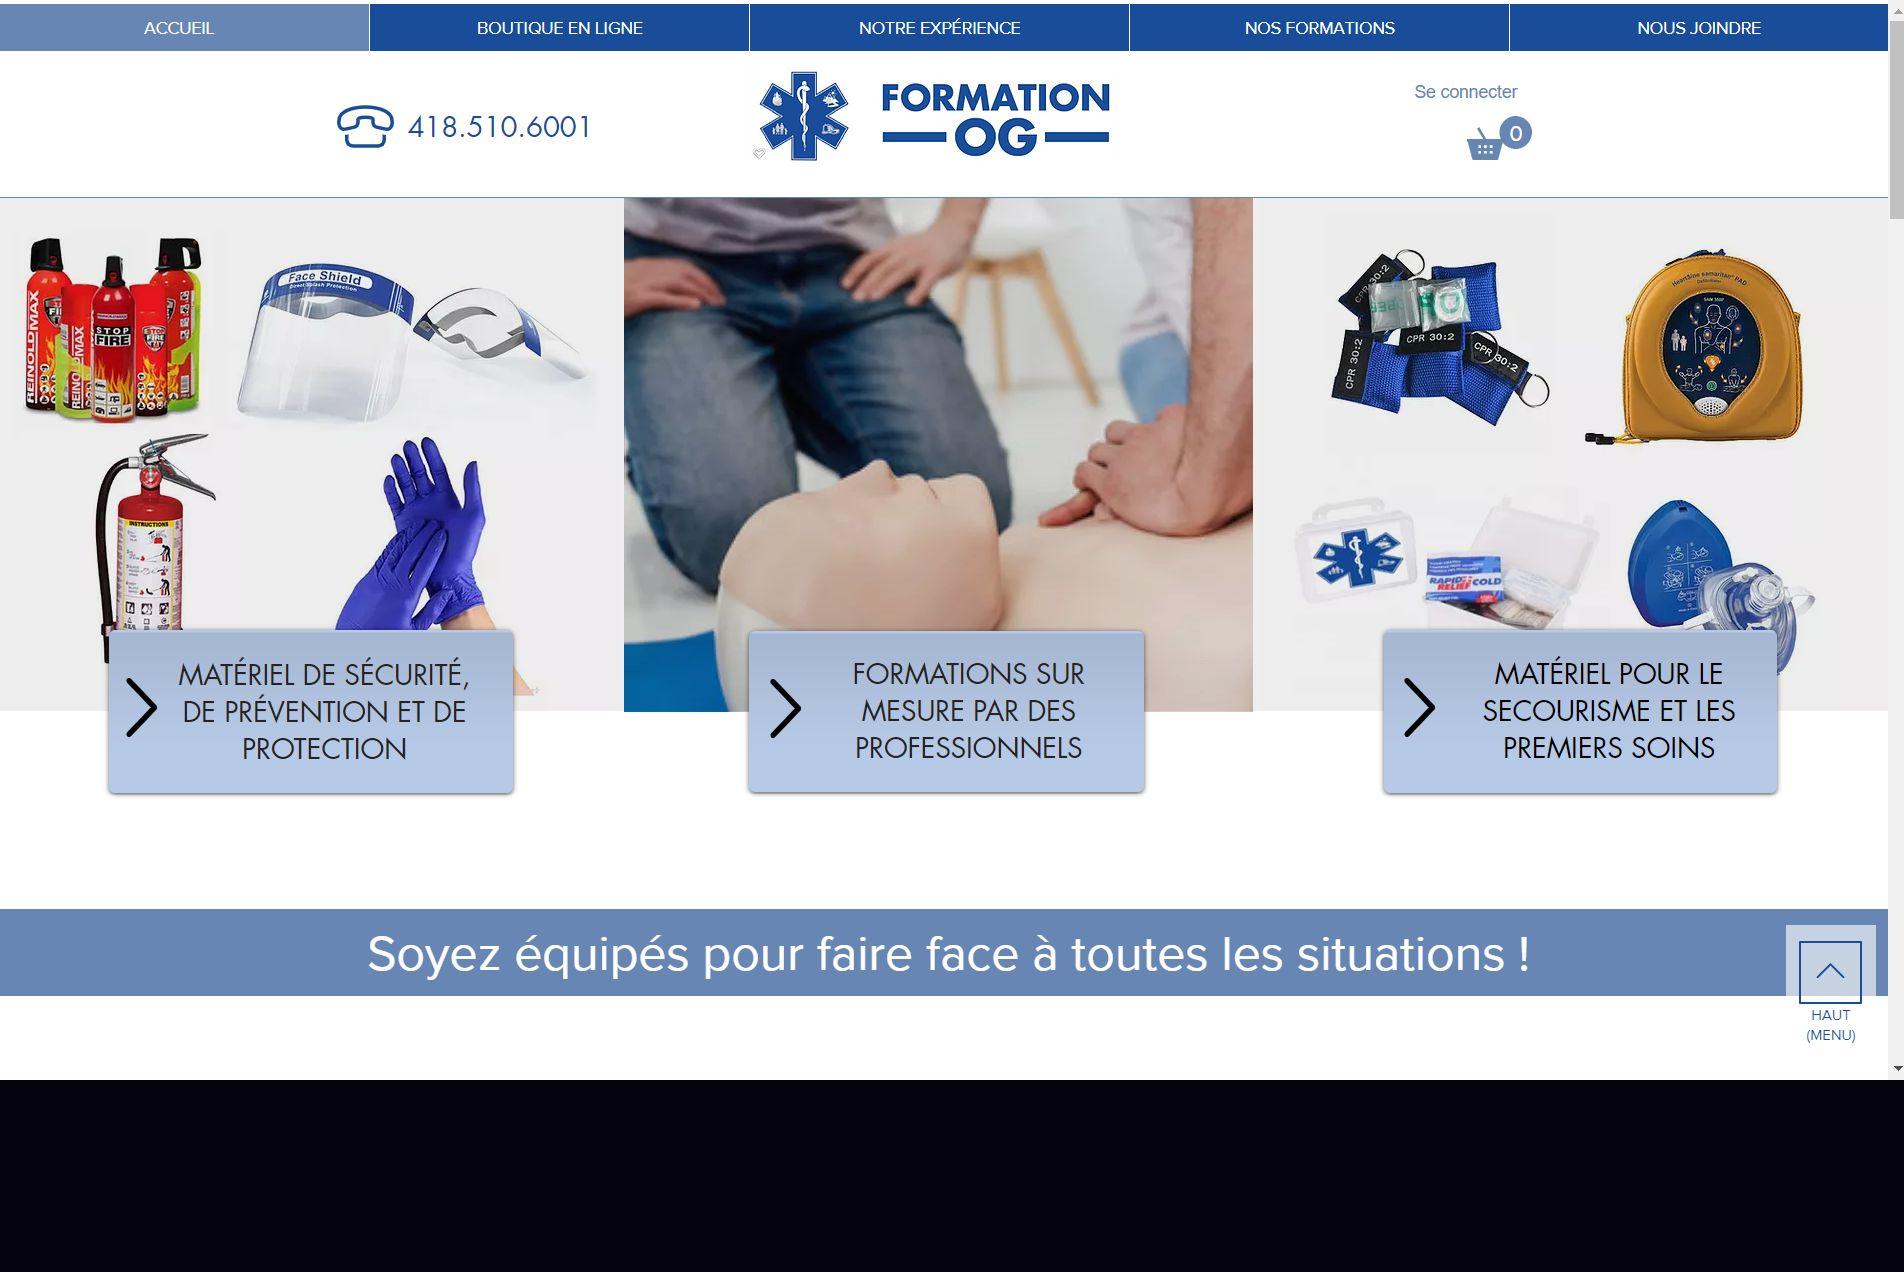 Formation OG - Portneuf